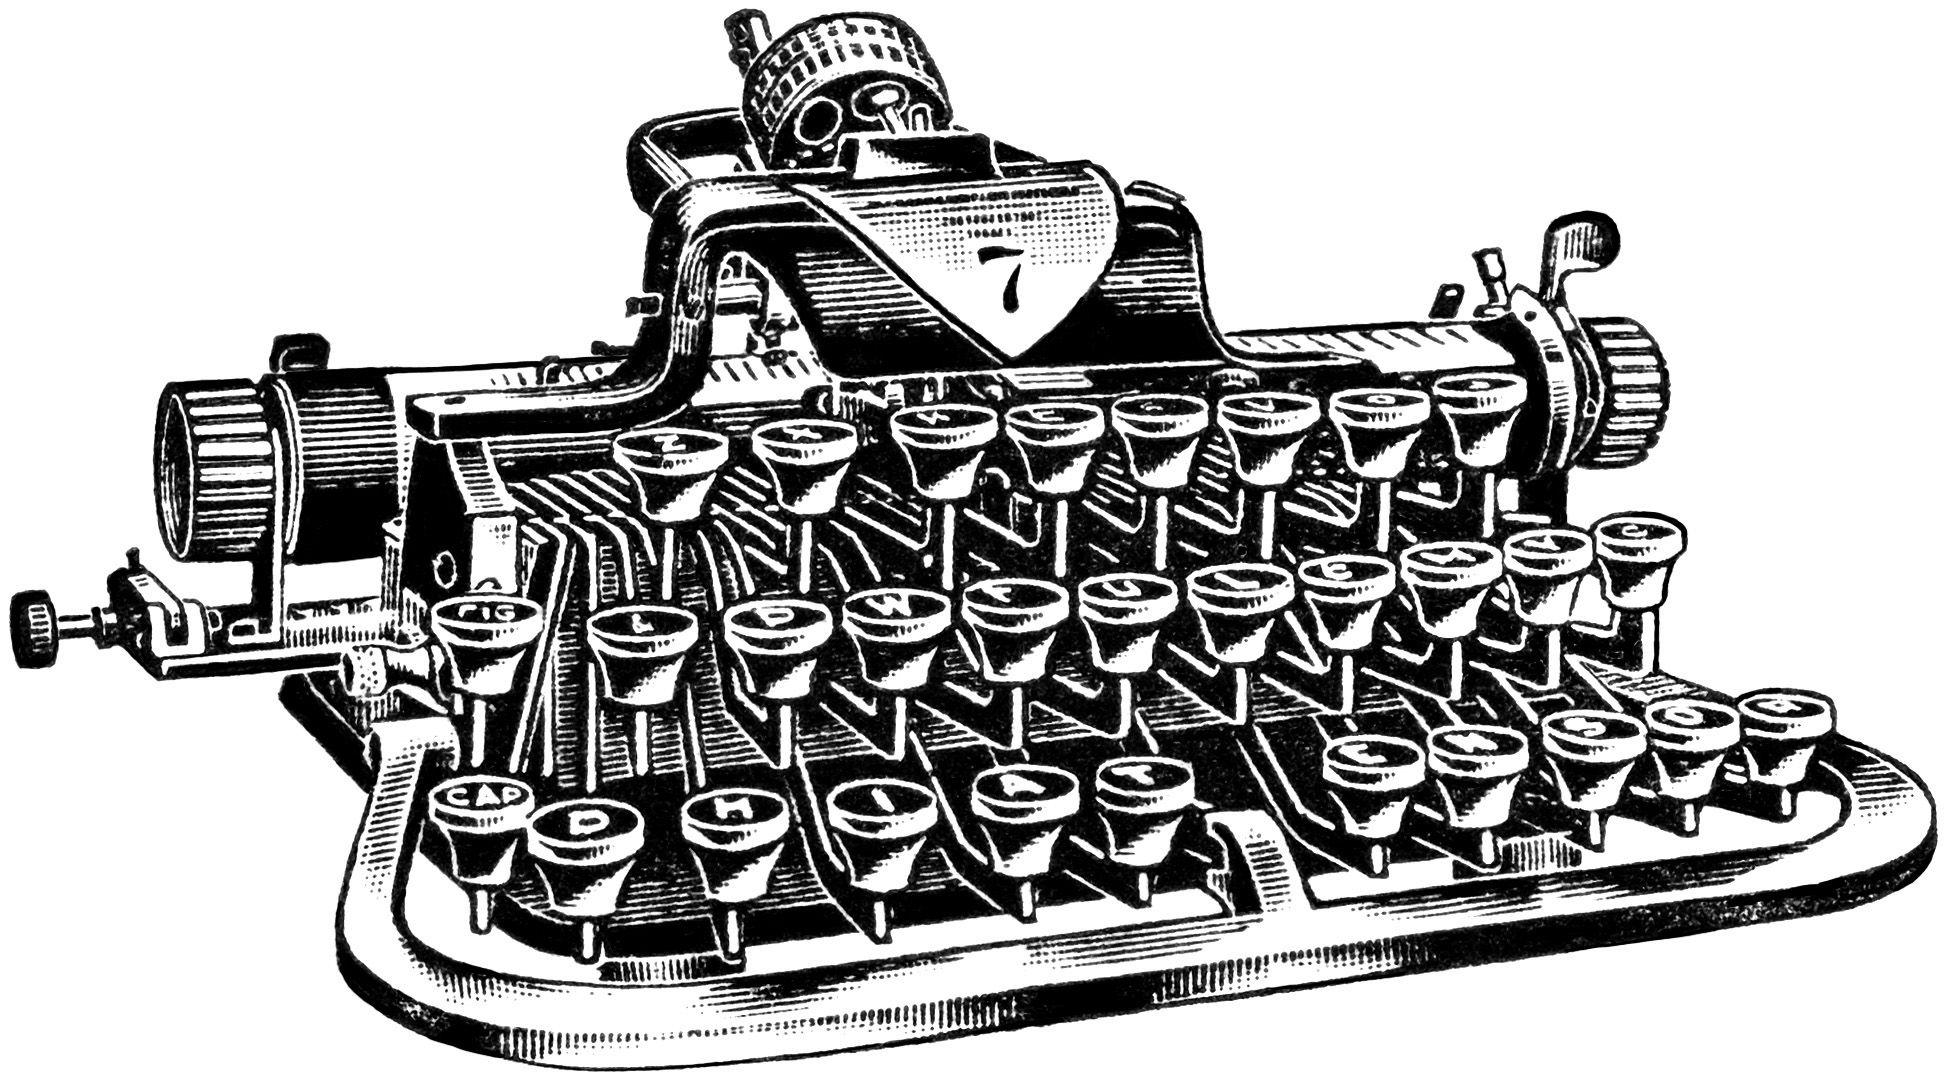 Vintage Clip Art - 3 Antique Typewriter -Vintage Clip Art - 3 Antique Typewriter Graphics - The Graphics Fairy for  RSVP? Description-13